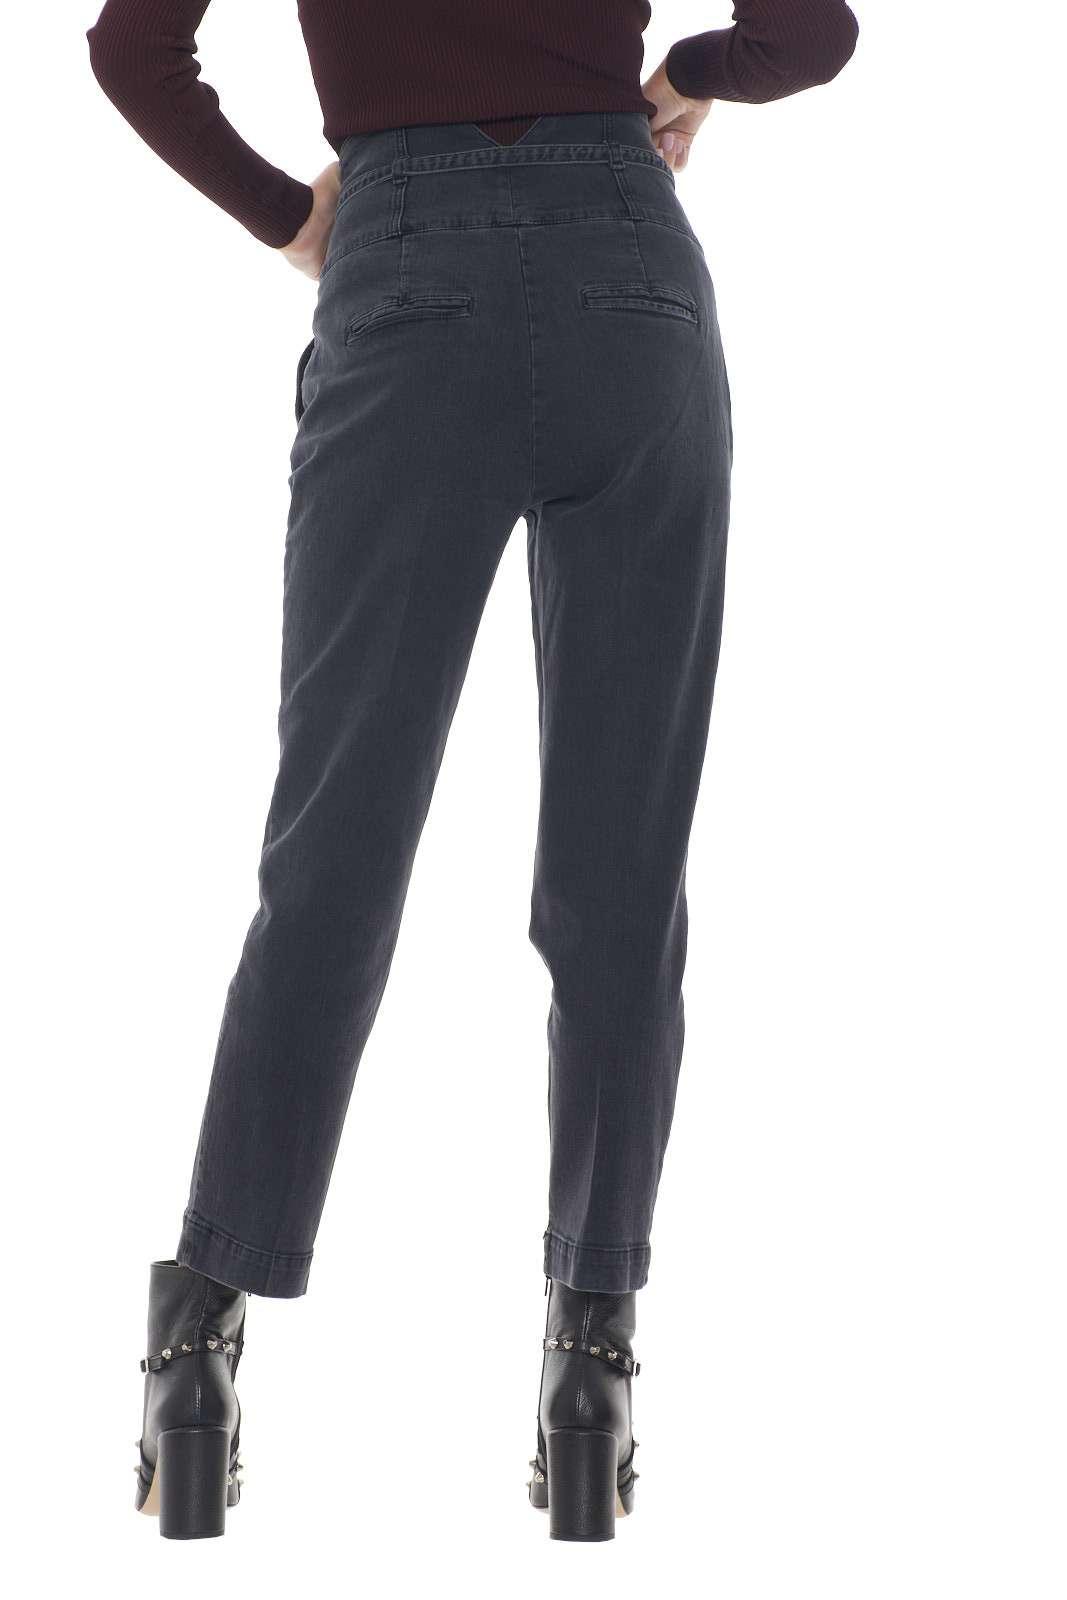 https://www.parmax.com/media/catalog/product/a/i/AI-outlet_parmax-pantaloni-donna-Pinko-1j10aj-C.jpg